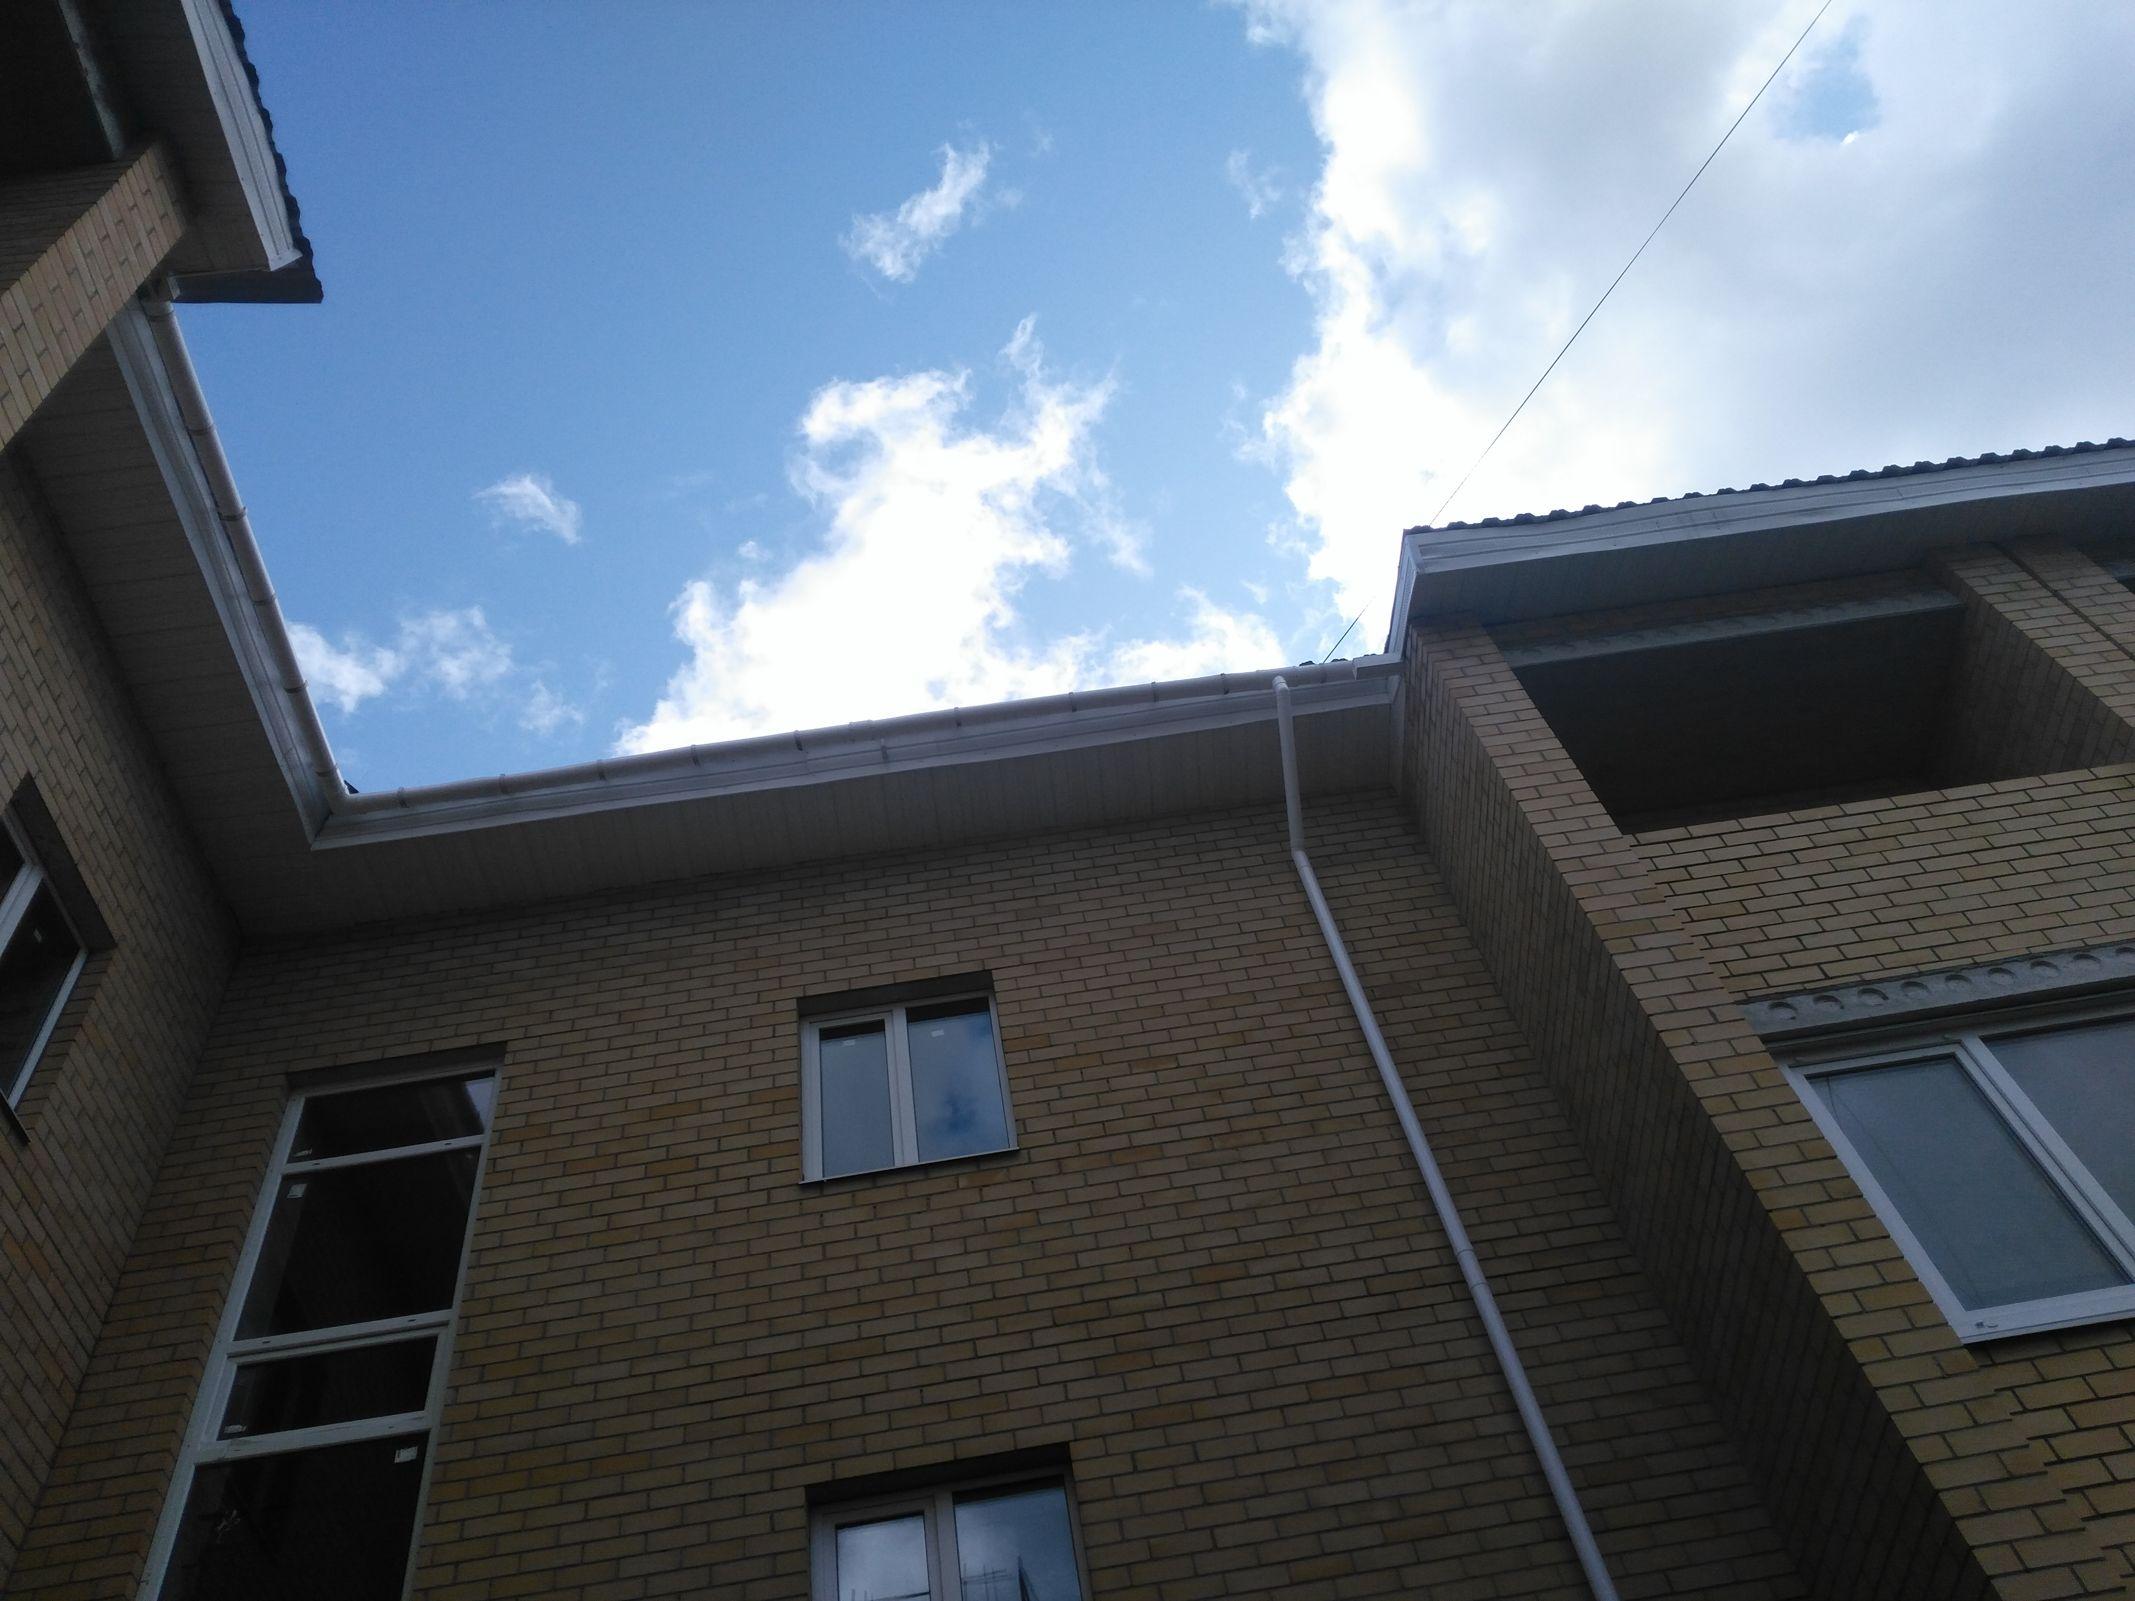 Комиссия положительно оценила состояние дома в Тутаеве, отремонтированного по поручению Дмитрия Миронова